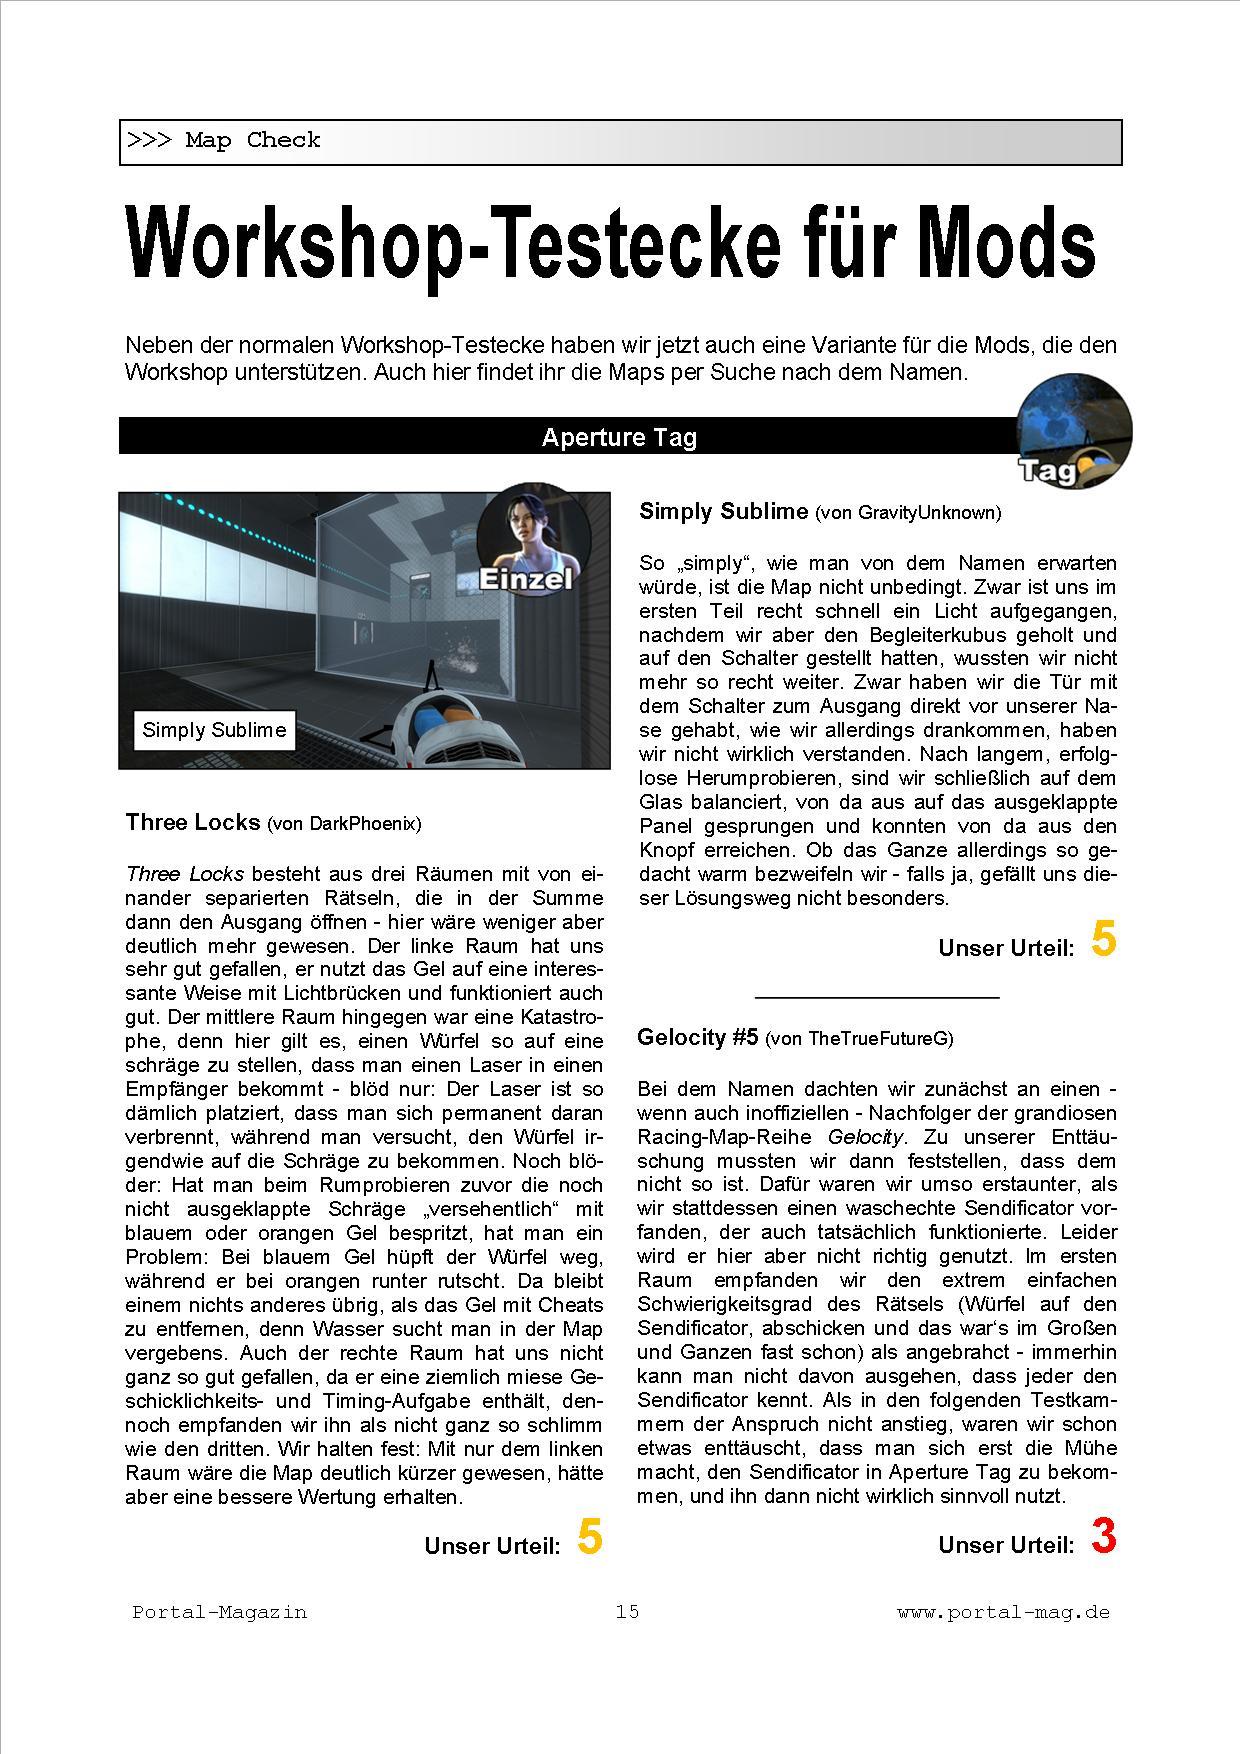 Ausgabe 36, Seite 15